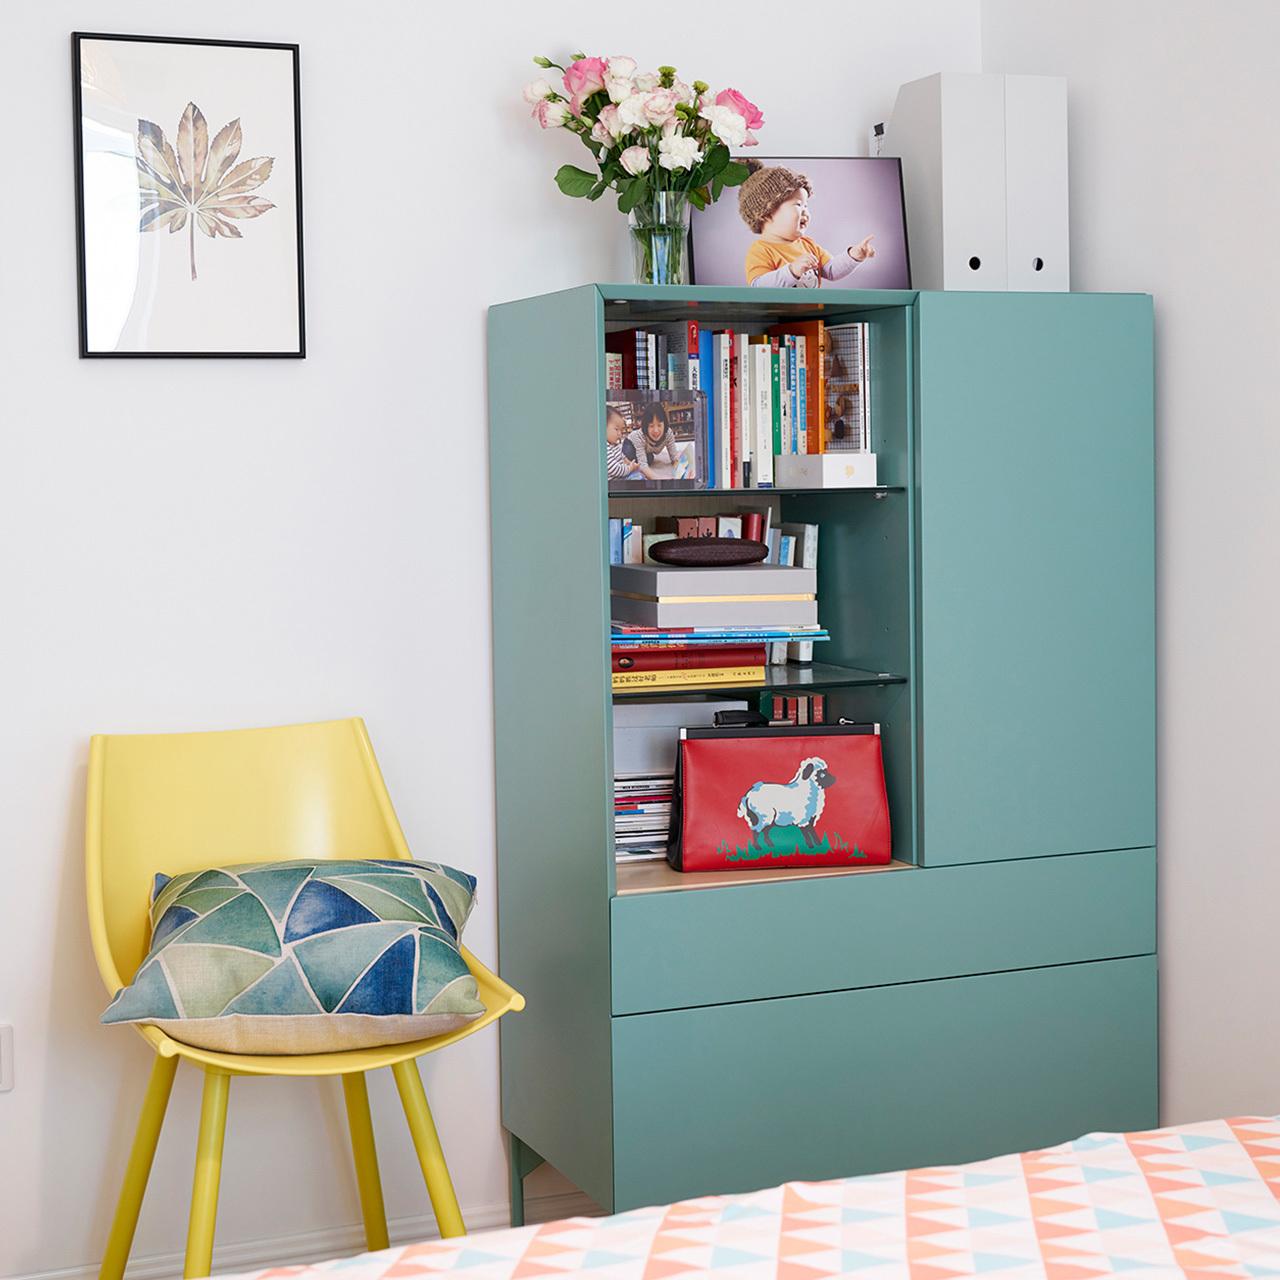 ▲  床侧装饰画小一点,不要抢了大件柜子和椅子的风采